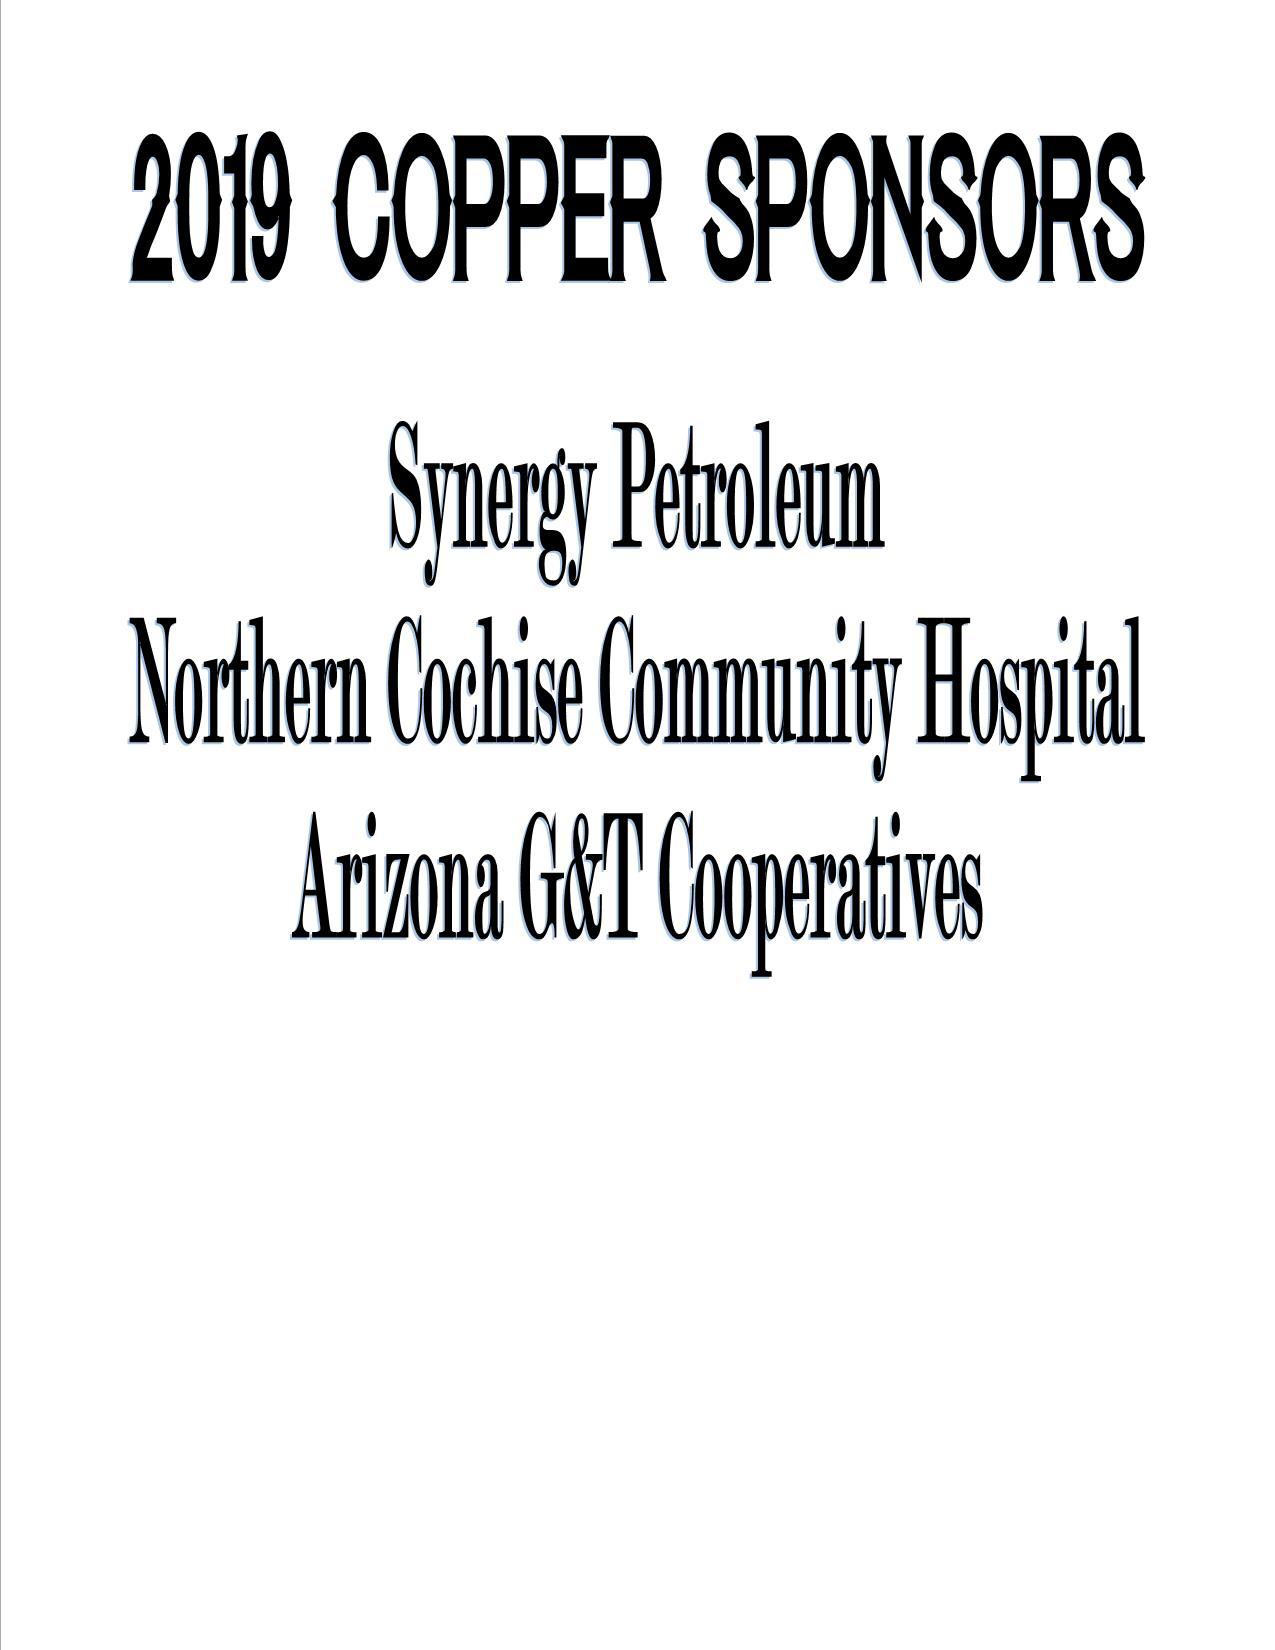 2019 Copper